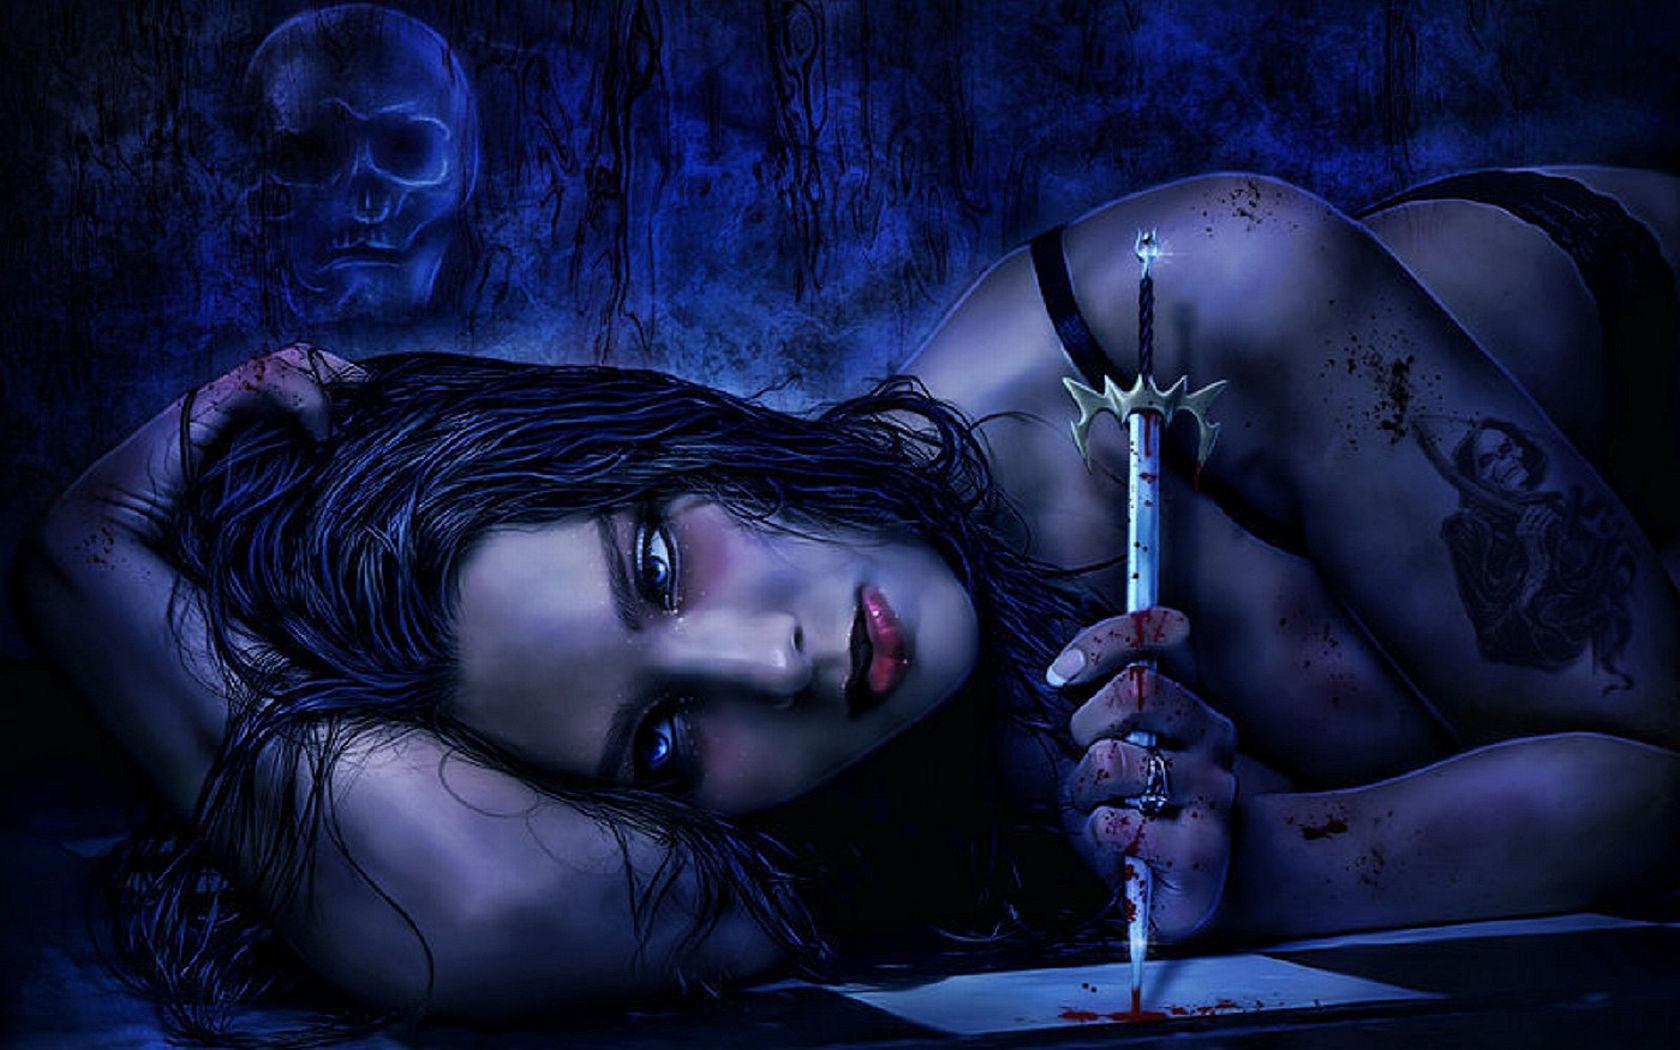 Vampire fetish